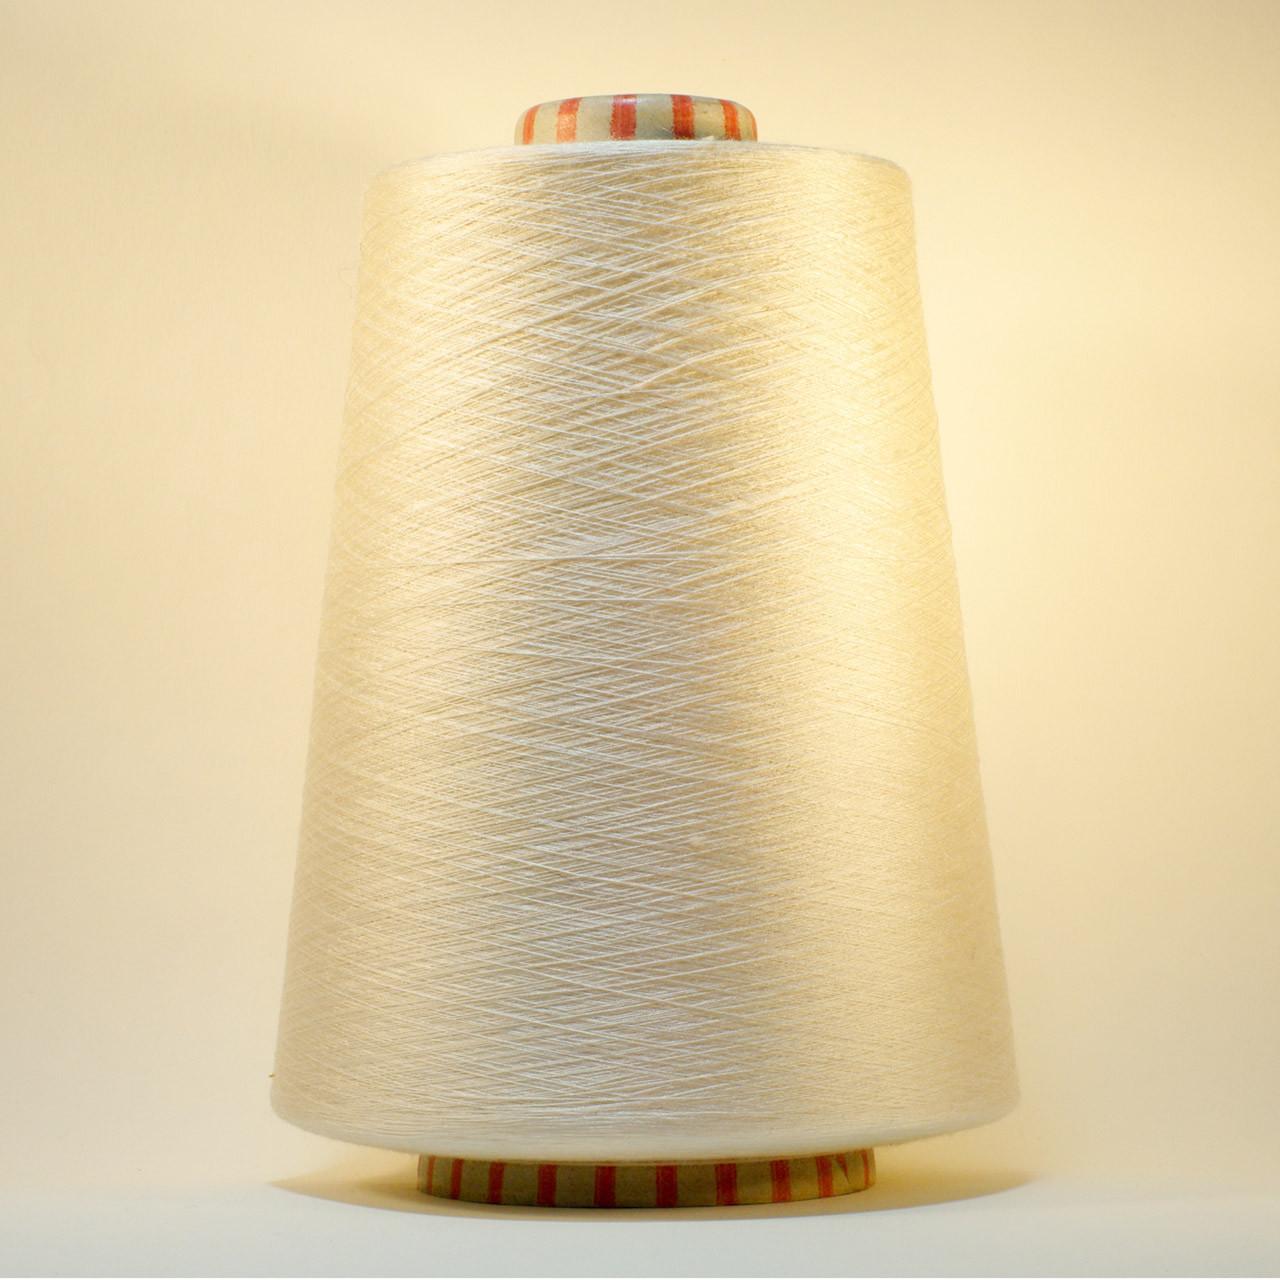 ed871712a9f5 SALE! - E-silk on Cones ( 10-205 Cone) - Sanjo Silk Ltd